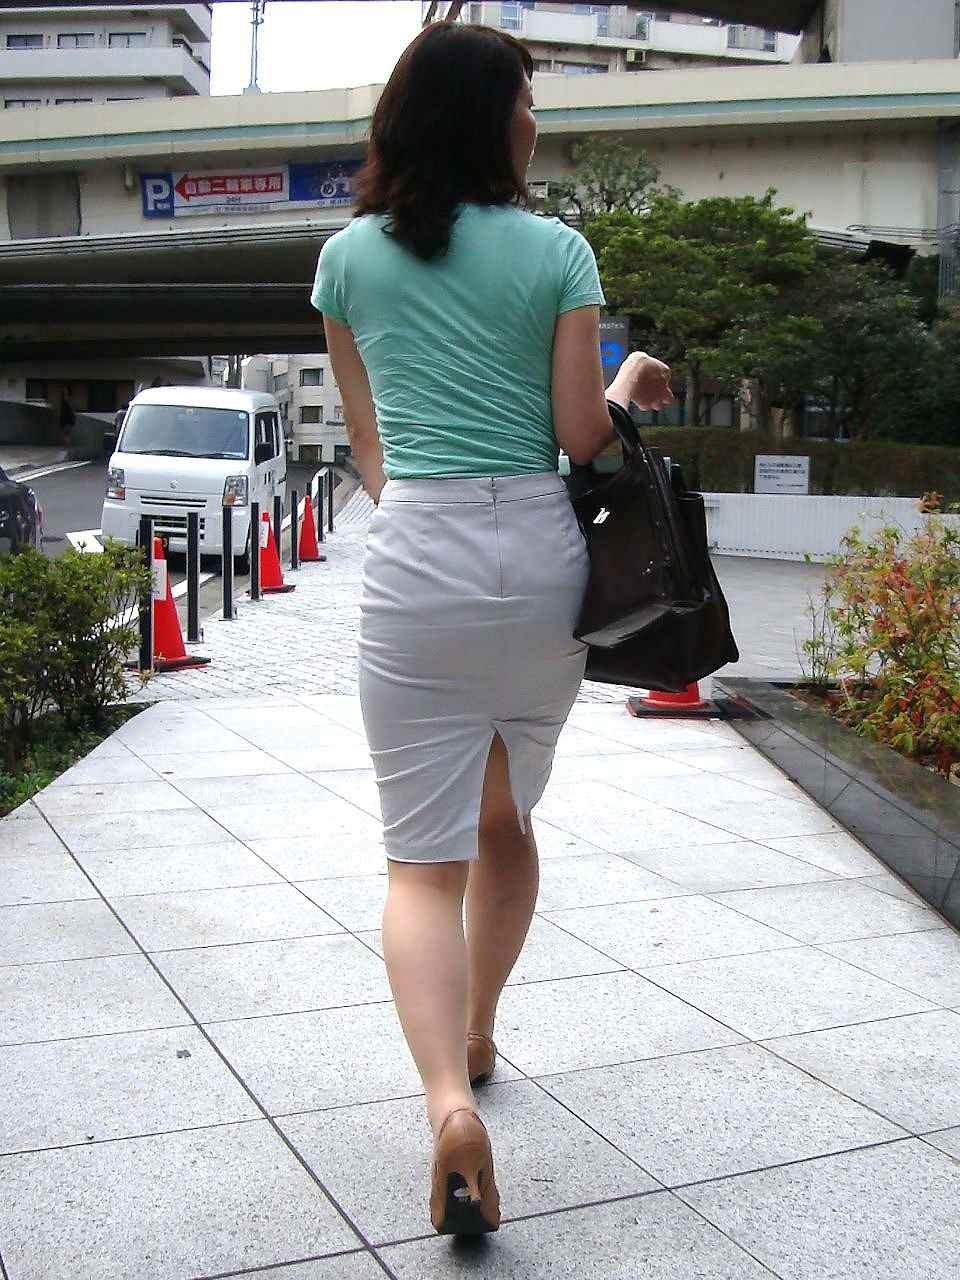 【着衣尻エロ画像】服着てるからこその圧倒的存在感っ!街中で揺れてる着衣の巨尻www 12